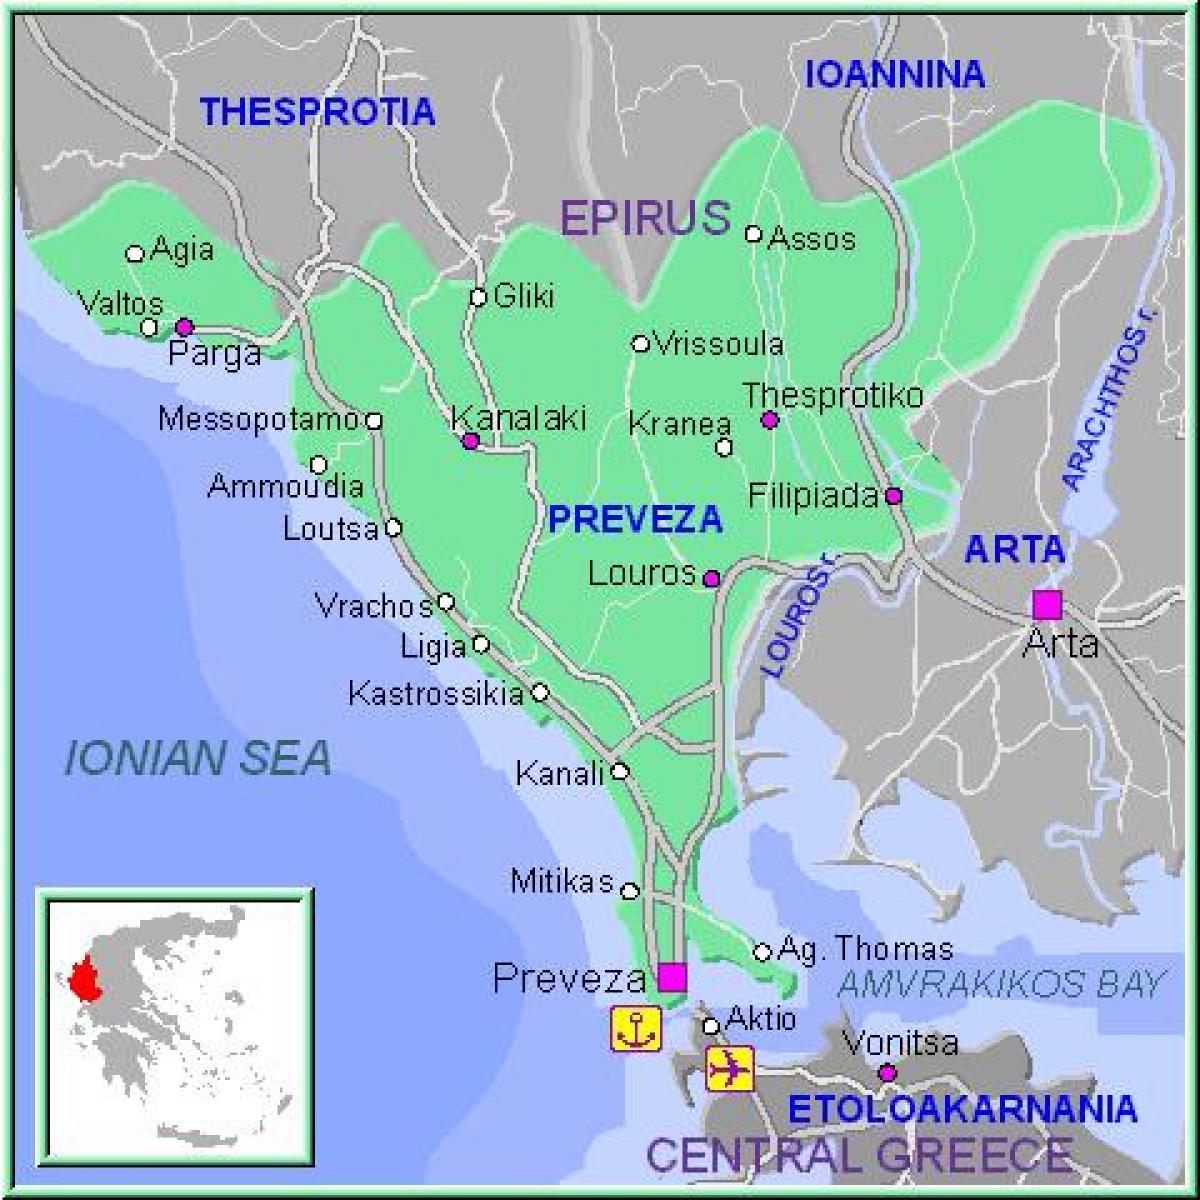 preveza grcka mapa Preveza Grčka mapu   Mapa Preveza Grčka (Južnoj Europi   Evropi) preveza grcka mapa